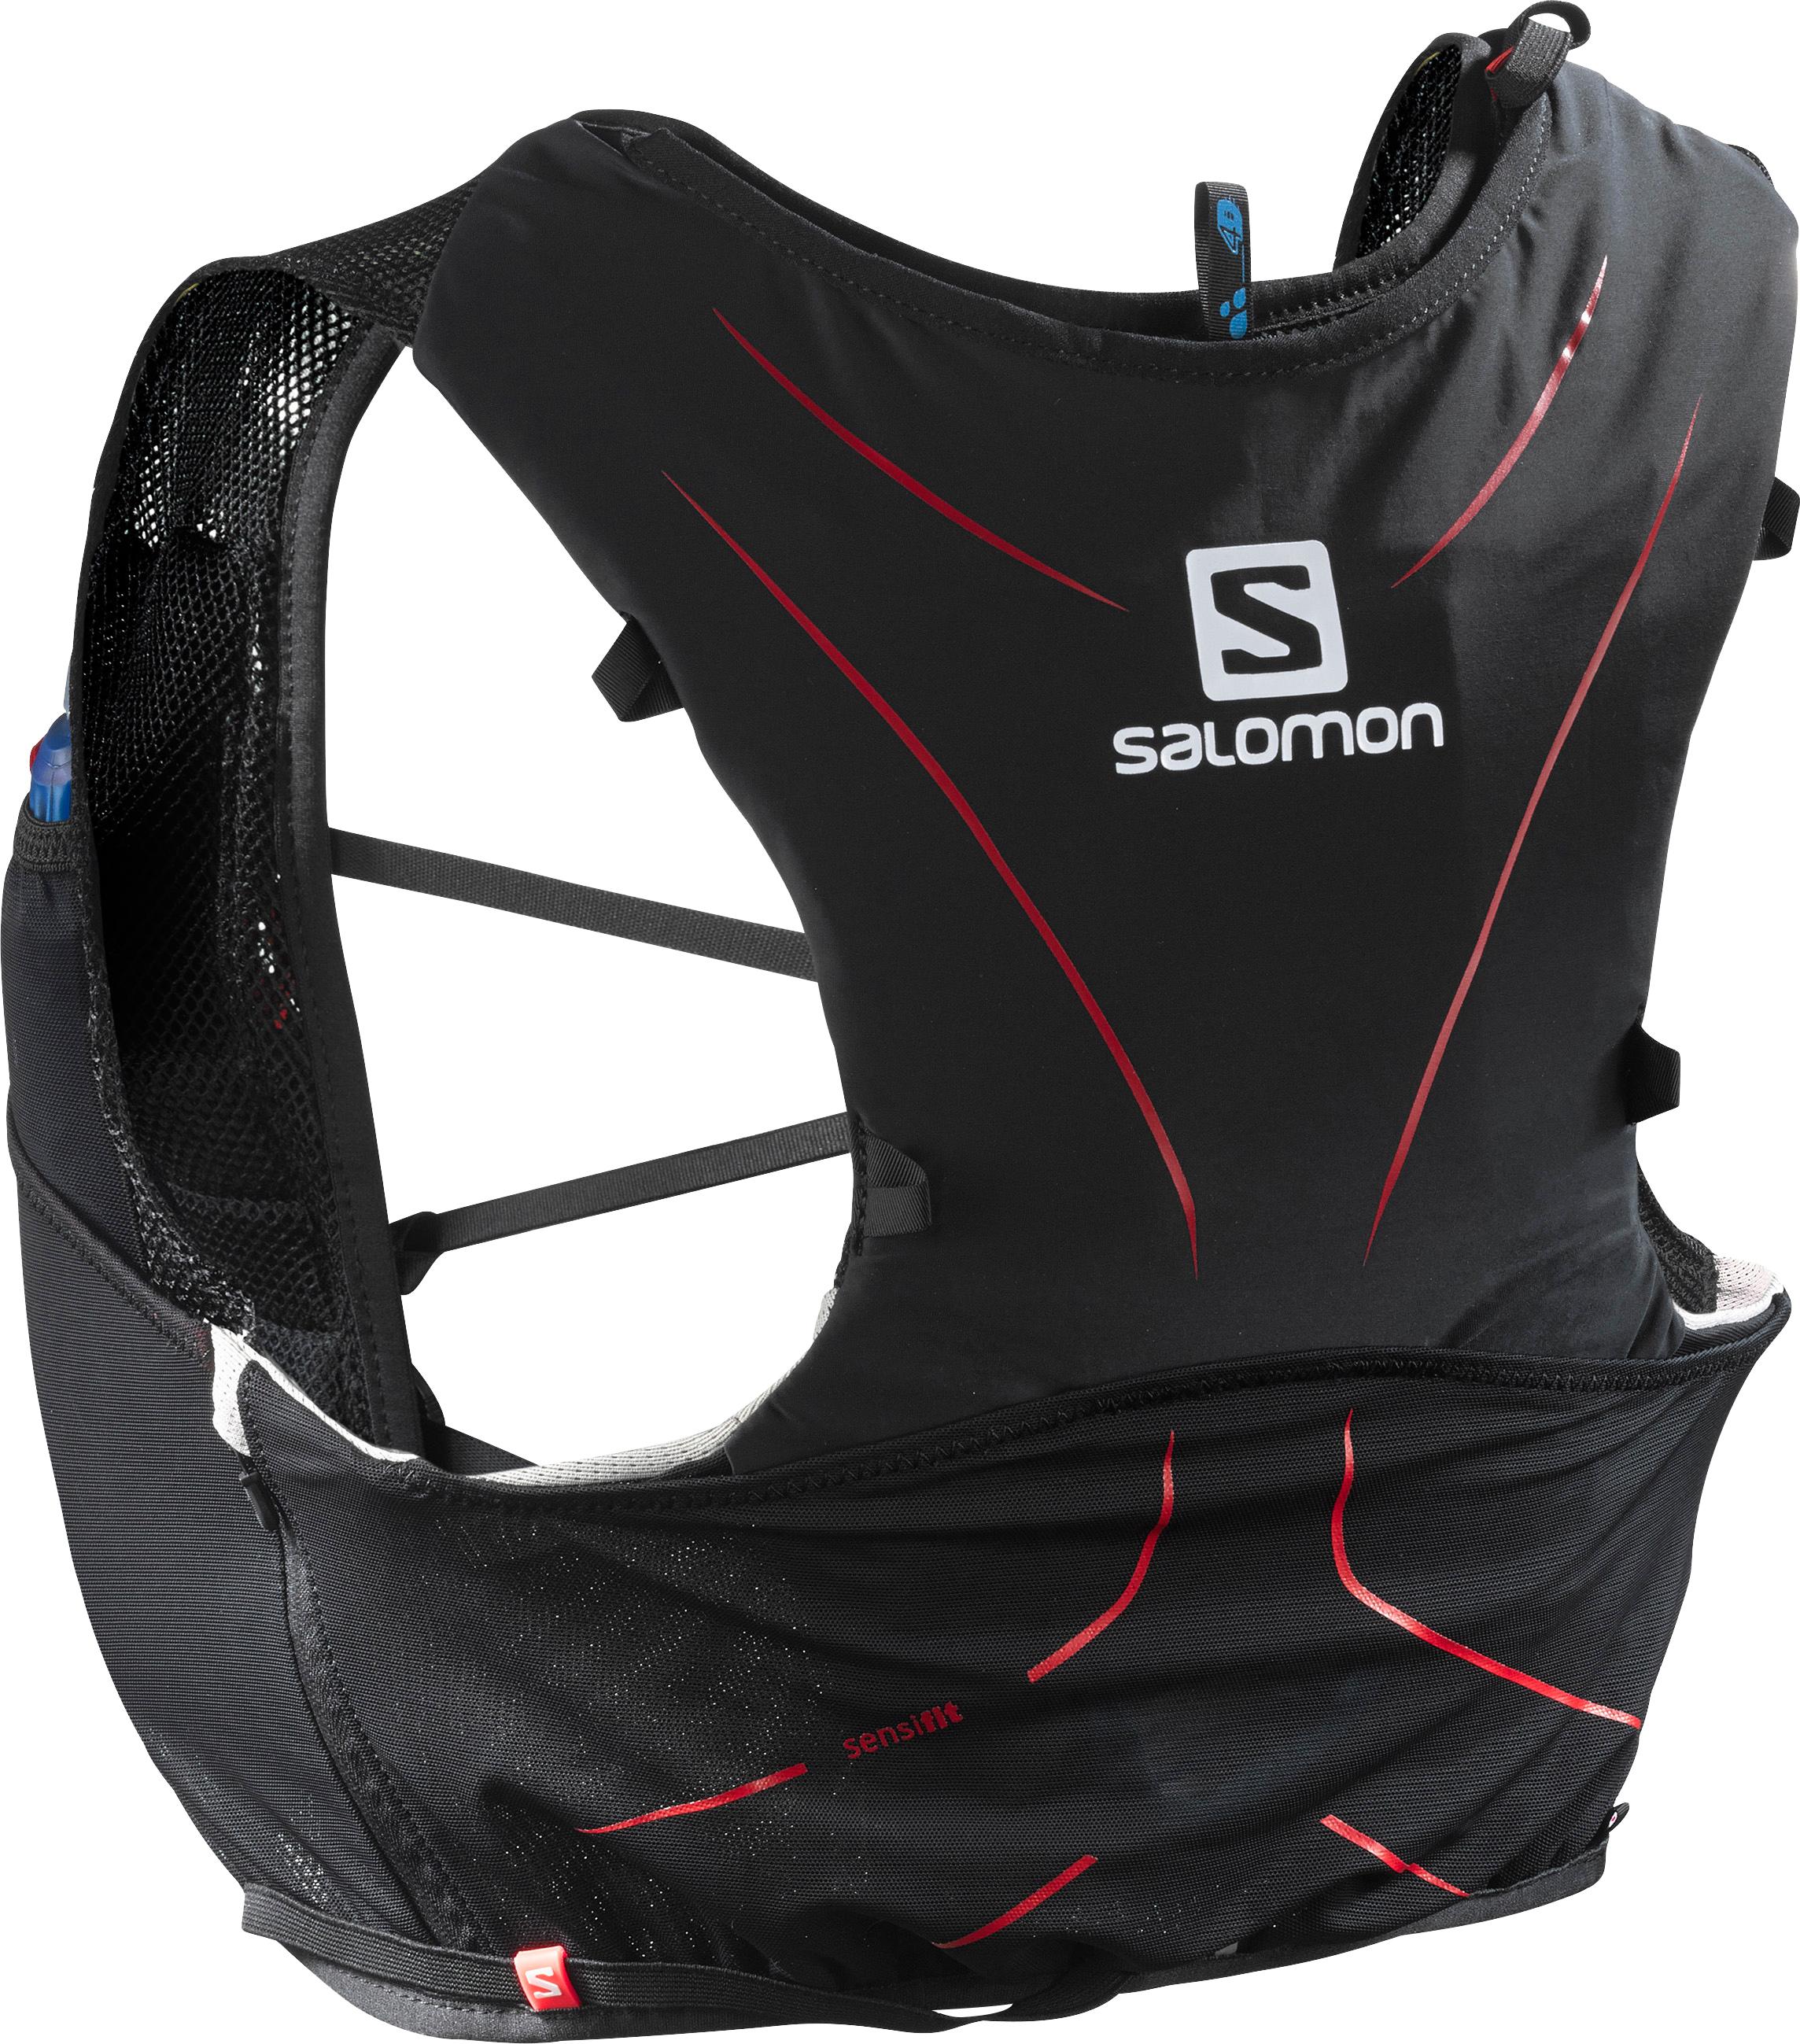 Sacs Salomon S-LAB noirs unisexe M2c81K